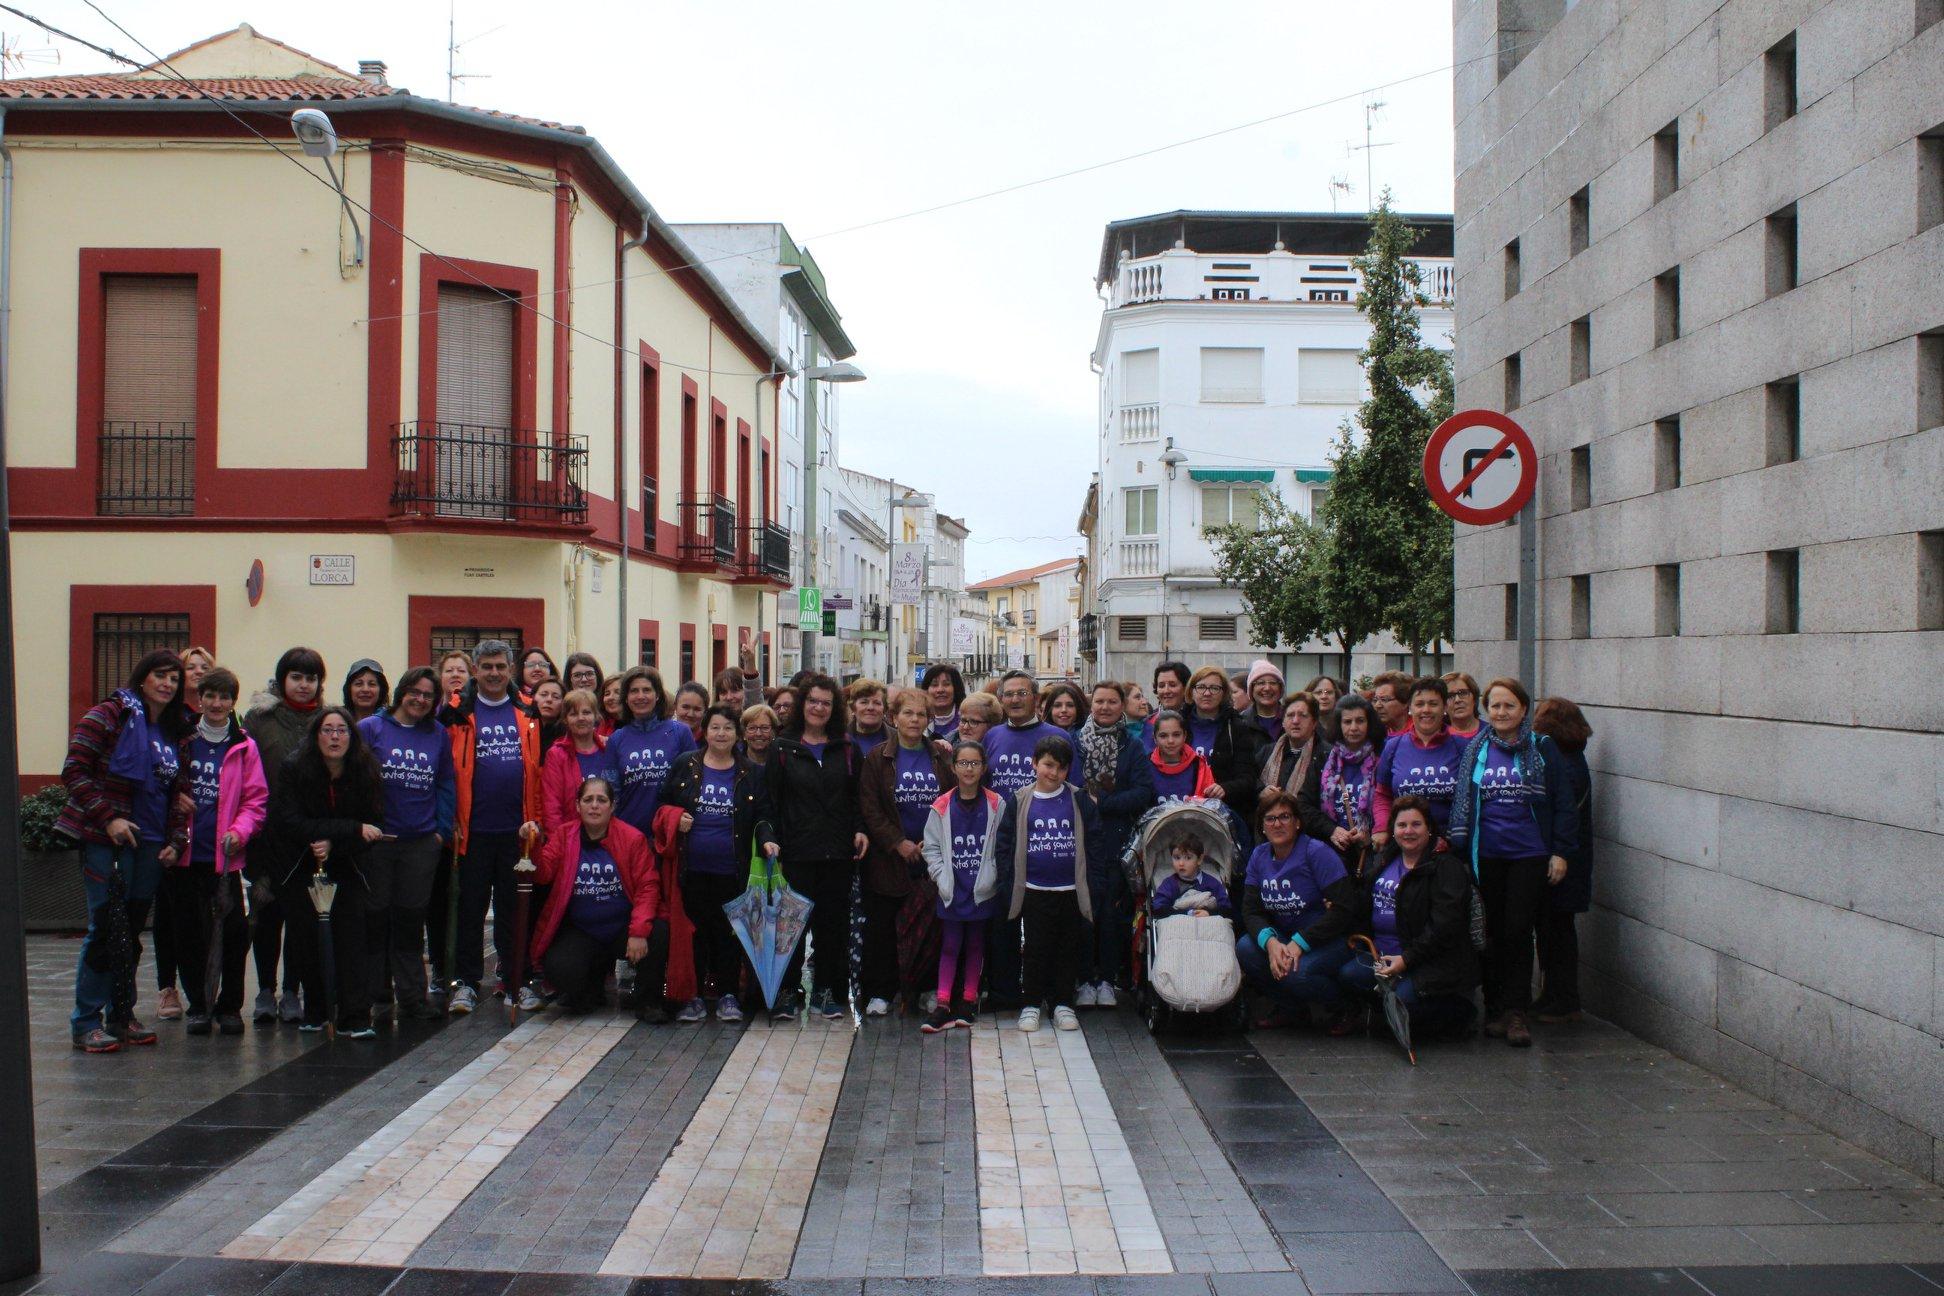 III Marcha Dia de la mujer _ 3